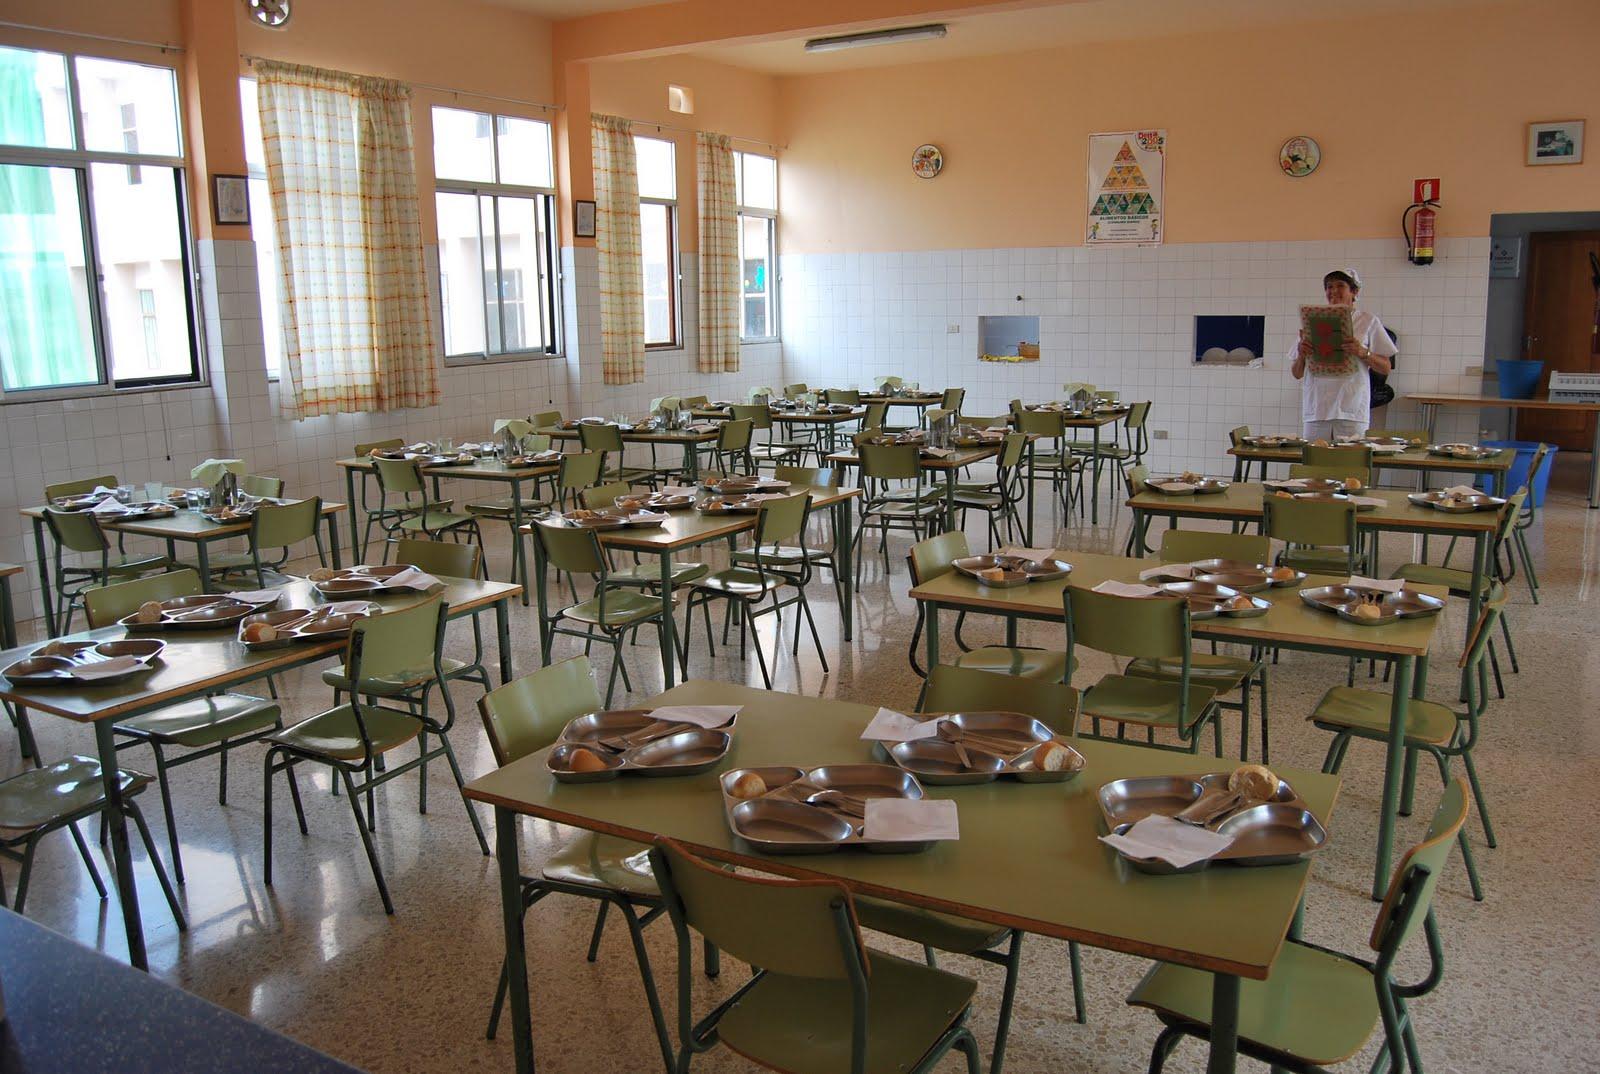 Ceip la goleta arucas el lunes 13 comienza el comedor for El comedor escolar